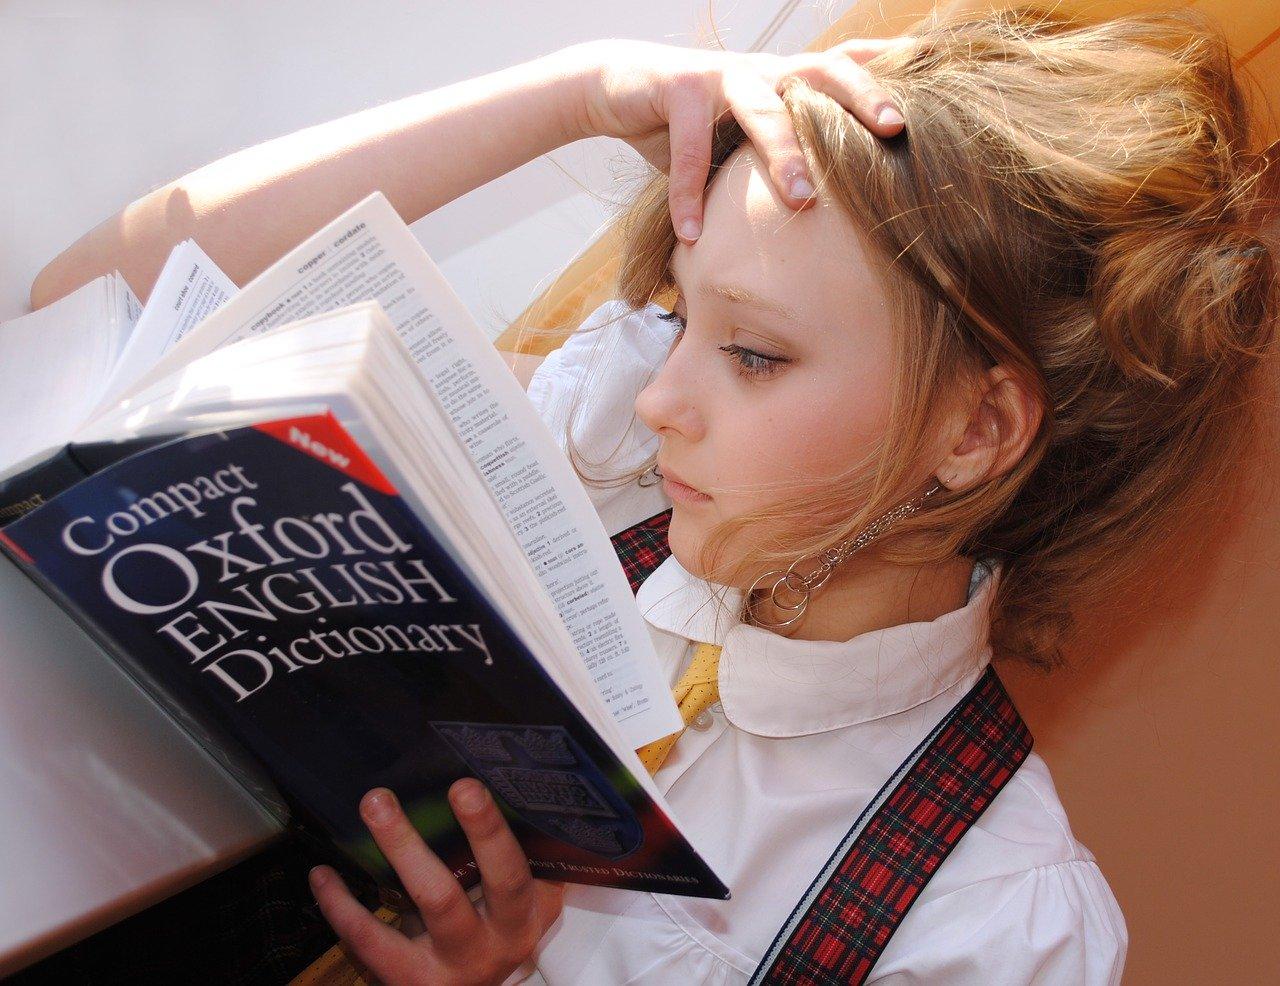 education for girls